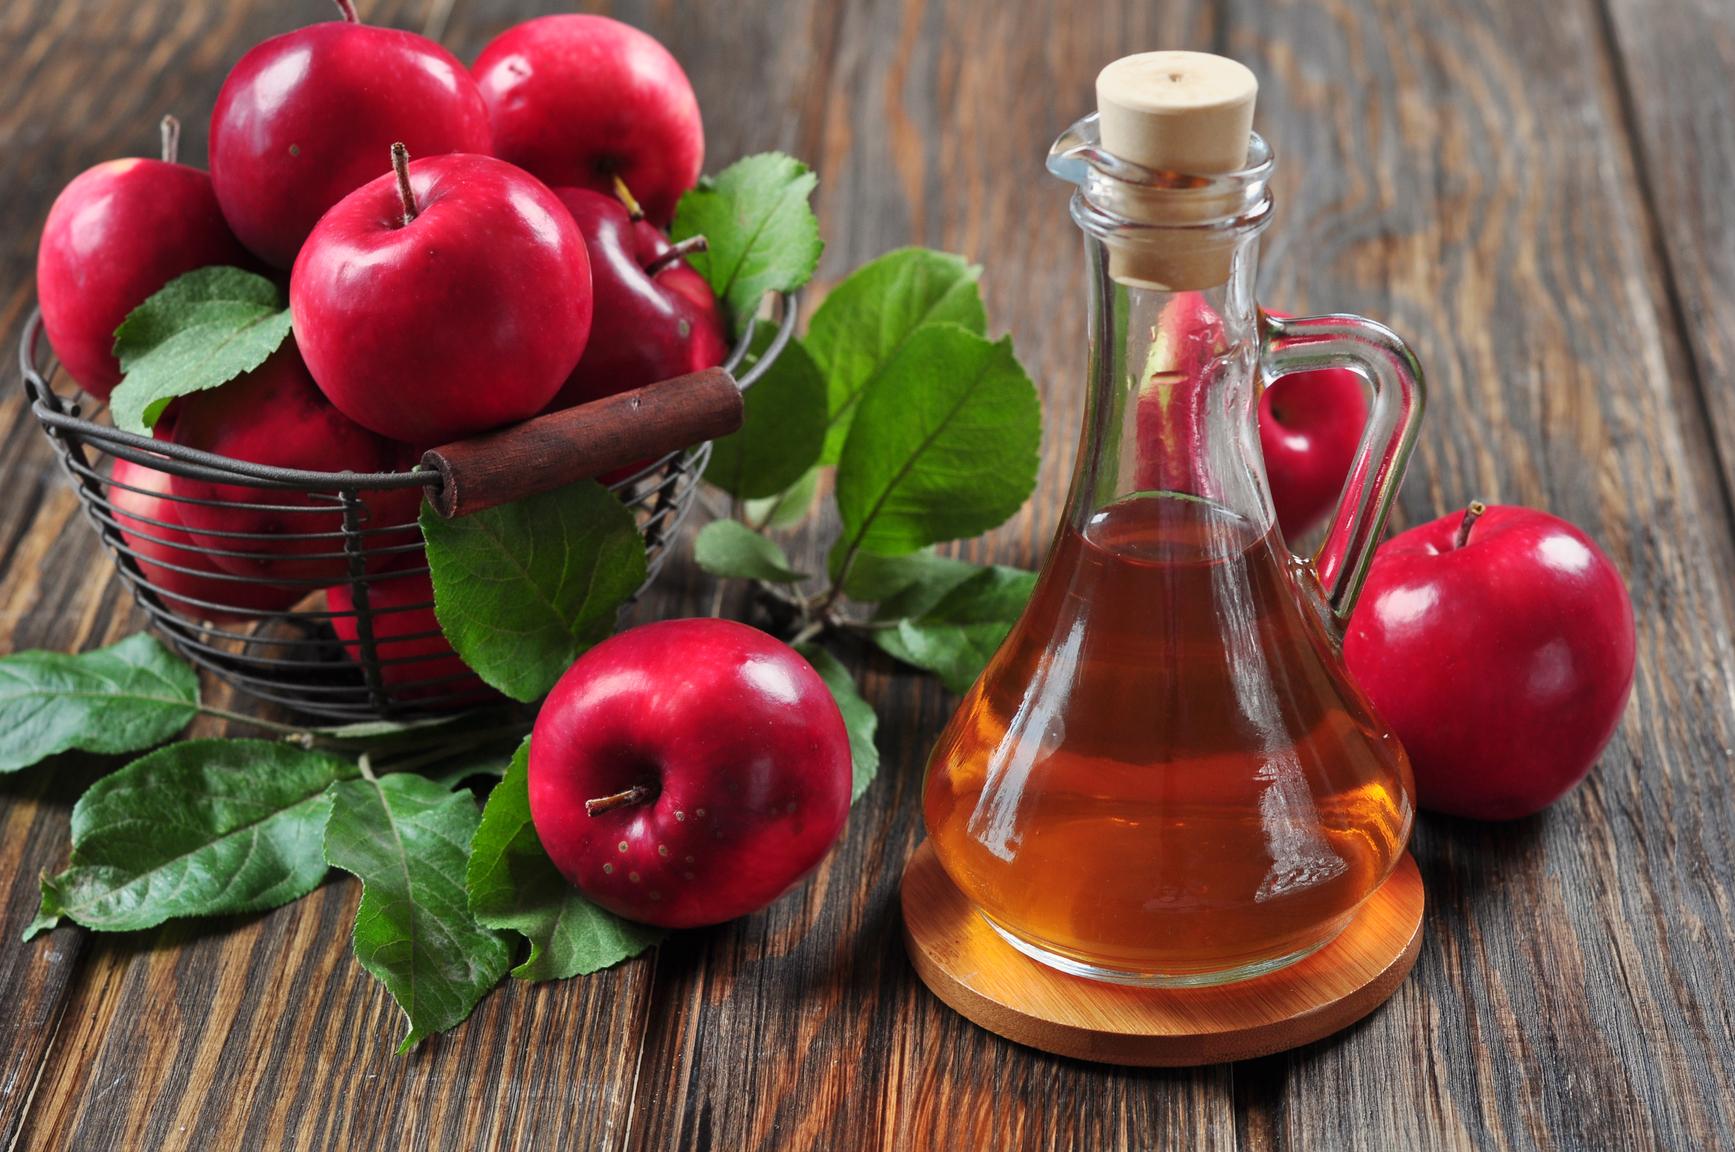 Вы сможете приготовить яблочный уксус после просмотра этого видео урока